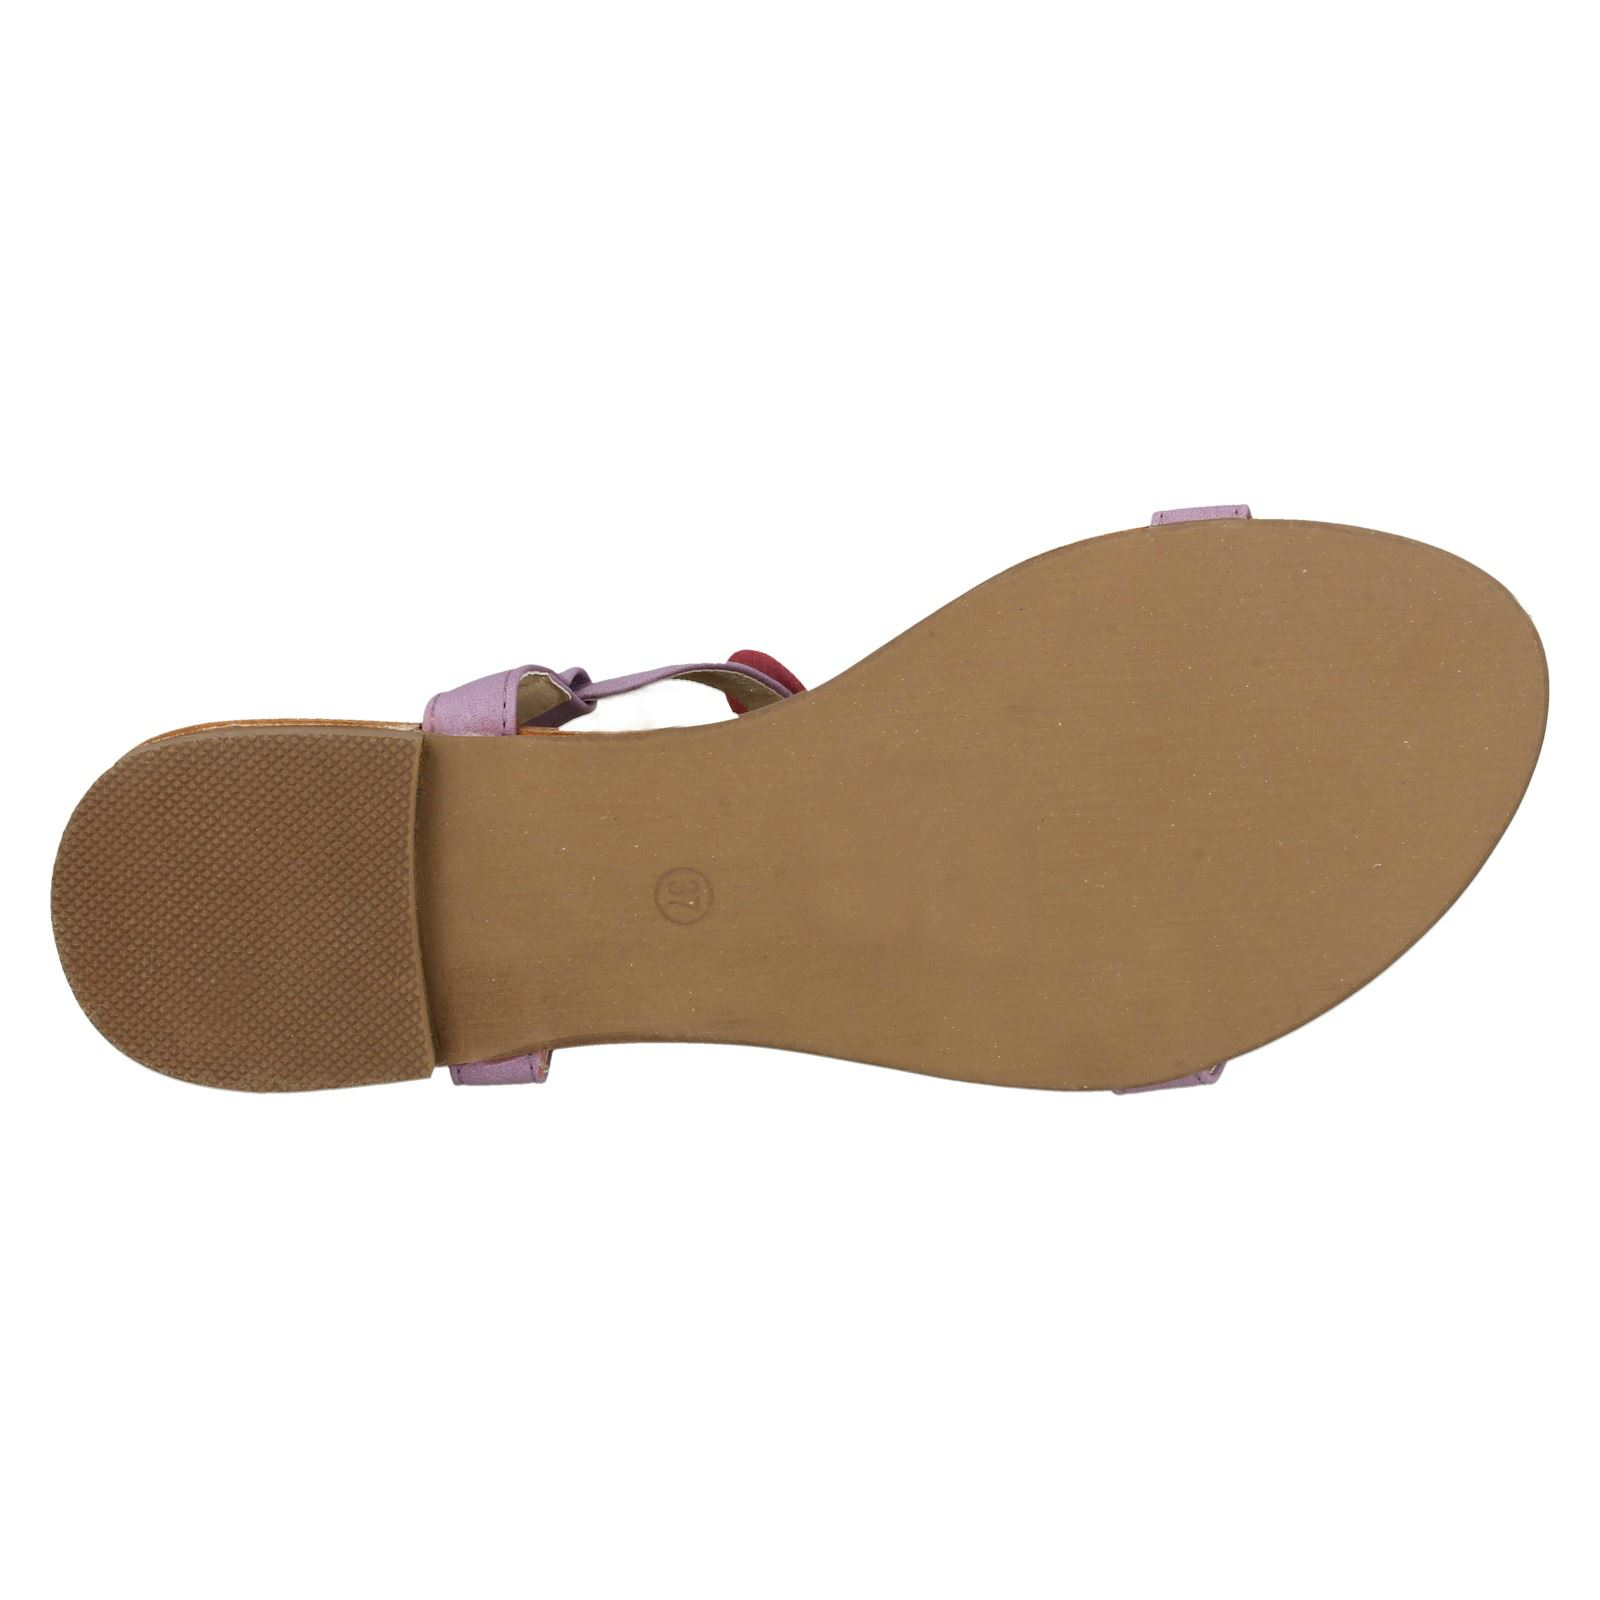 Sandals With Flower Motif Ladies Savannah